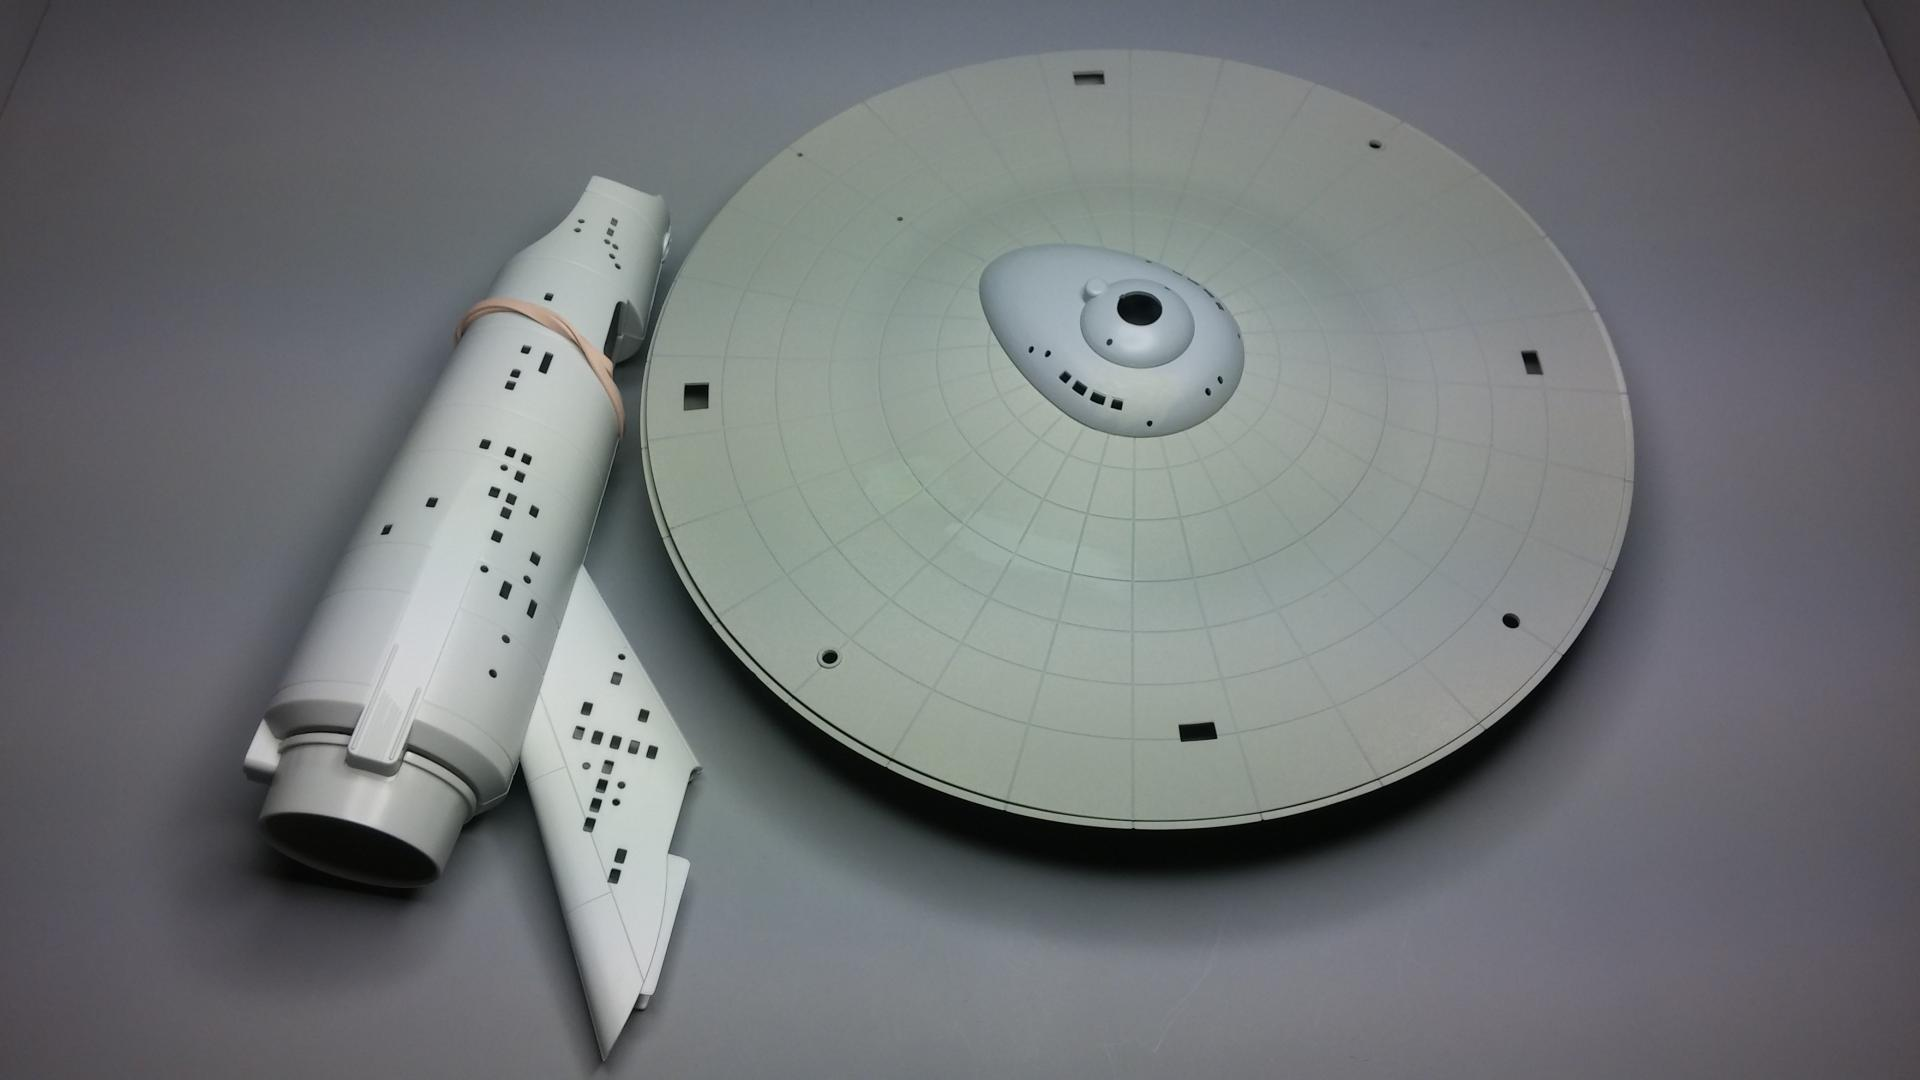 Starship_14.thumb.jpg.2e7b9060814e46071681de810b4d46f8.jpg